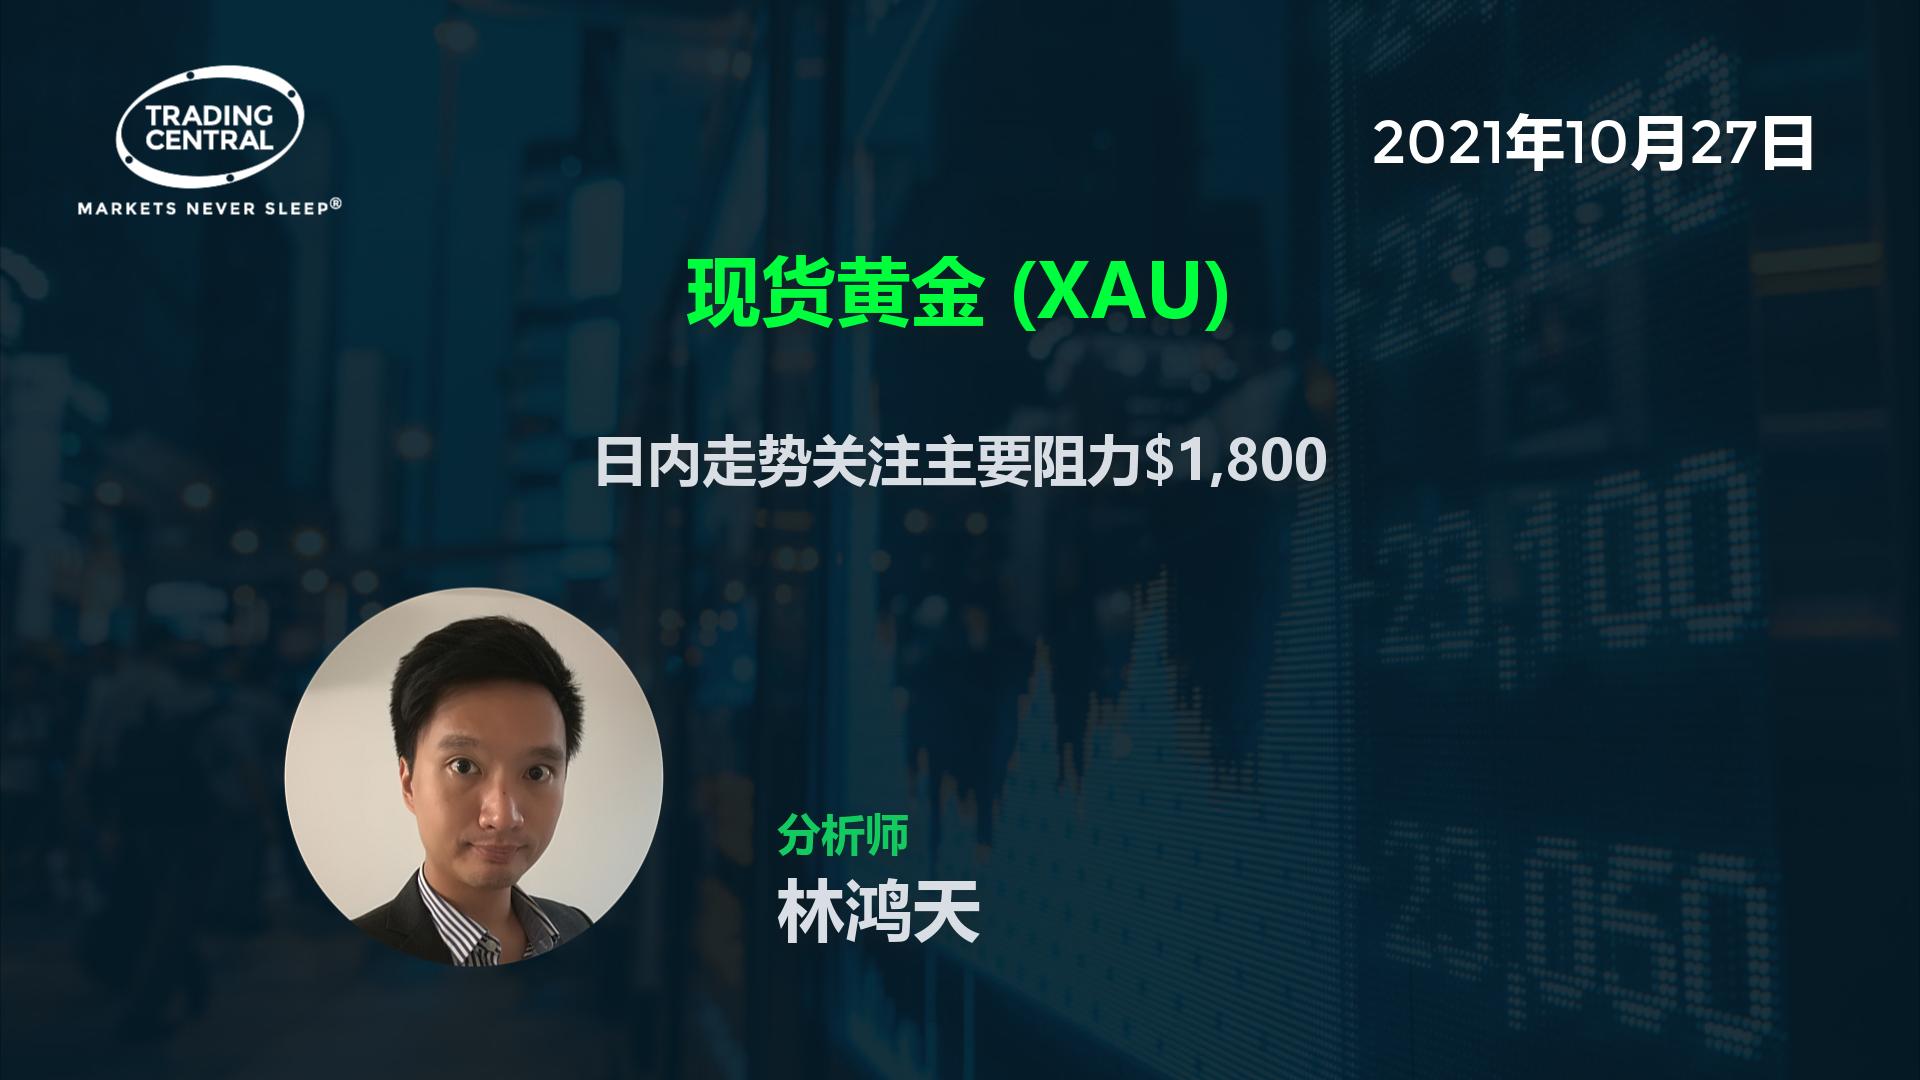 现货黄金 (XAU) - 日内走势关注主要阻力$1,800